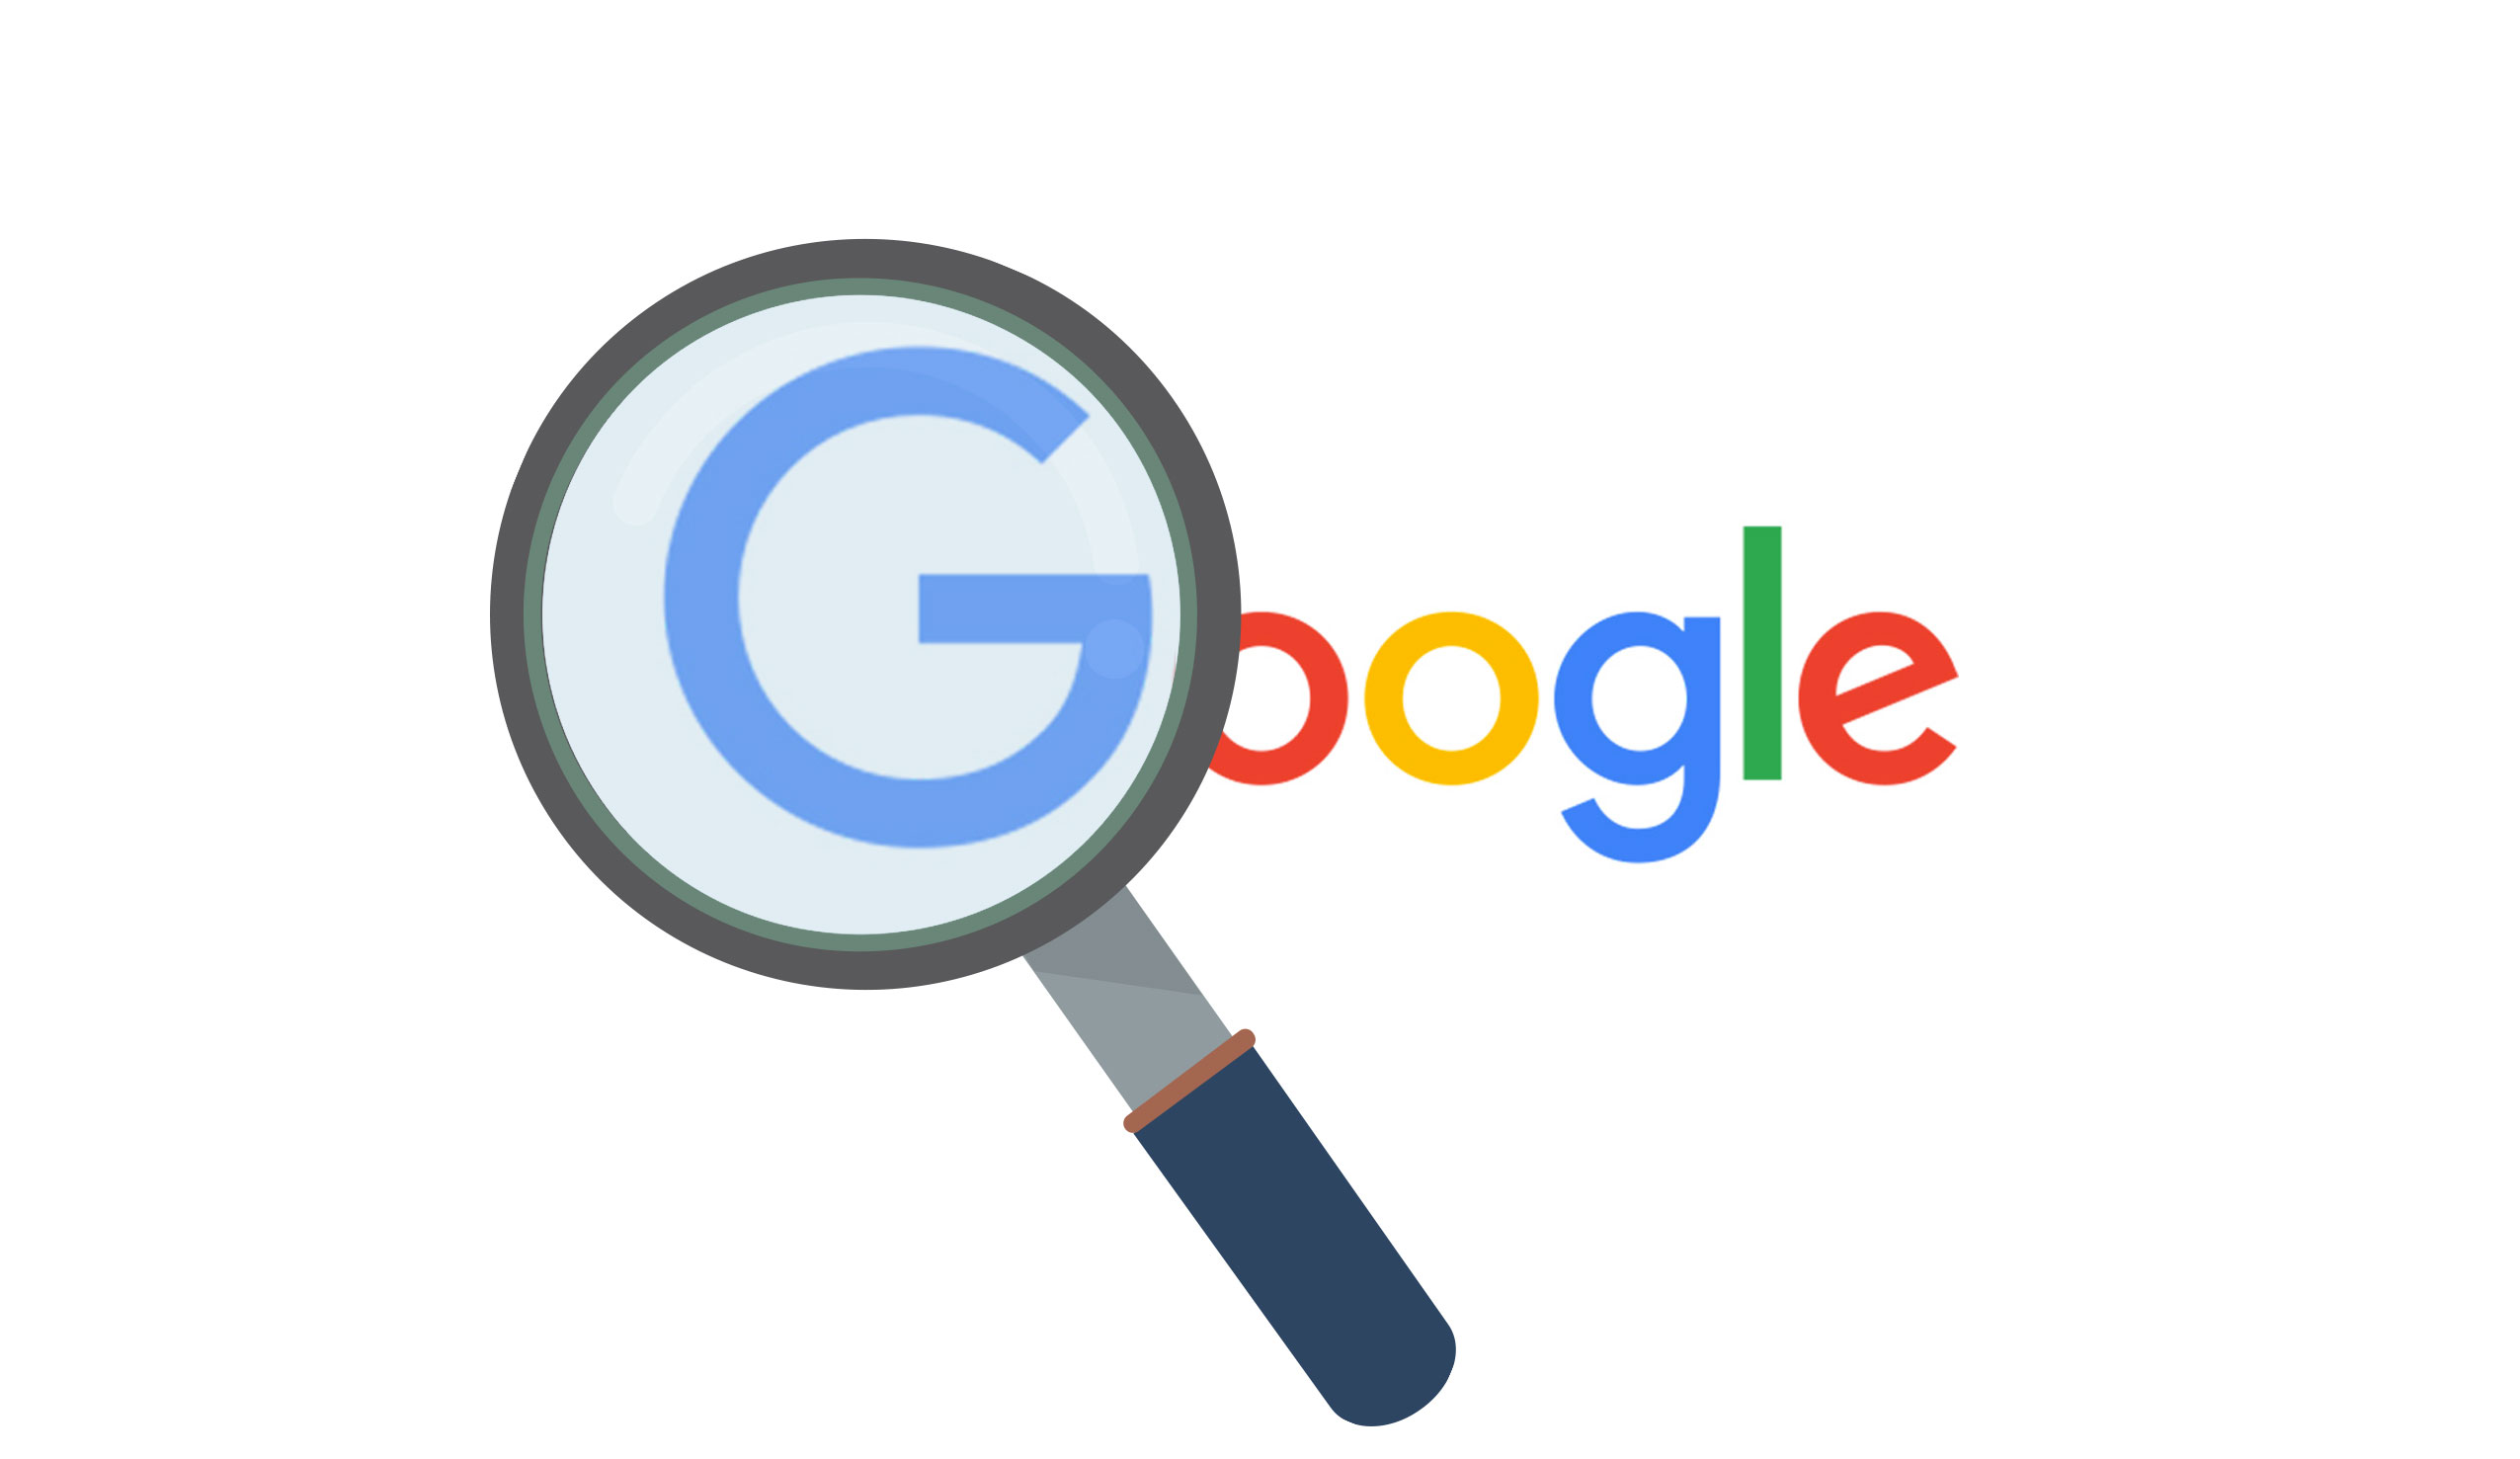 La nuova funzionalità inserita da Google per gli utenti